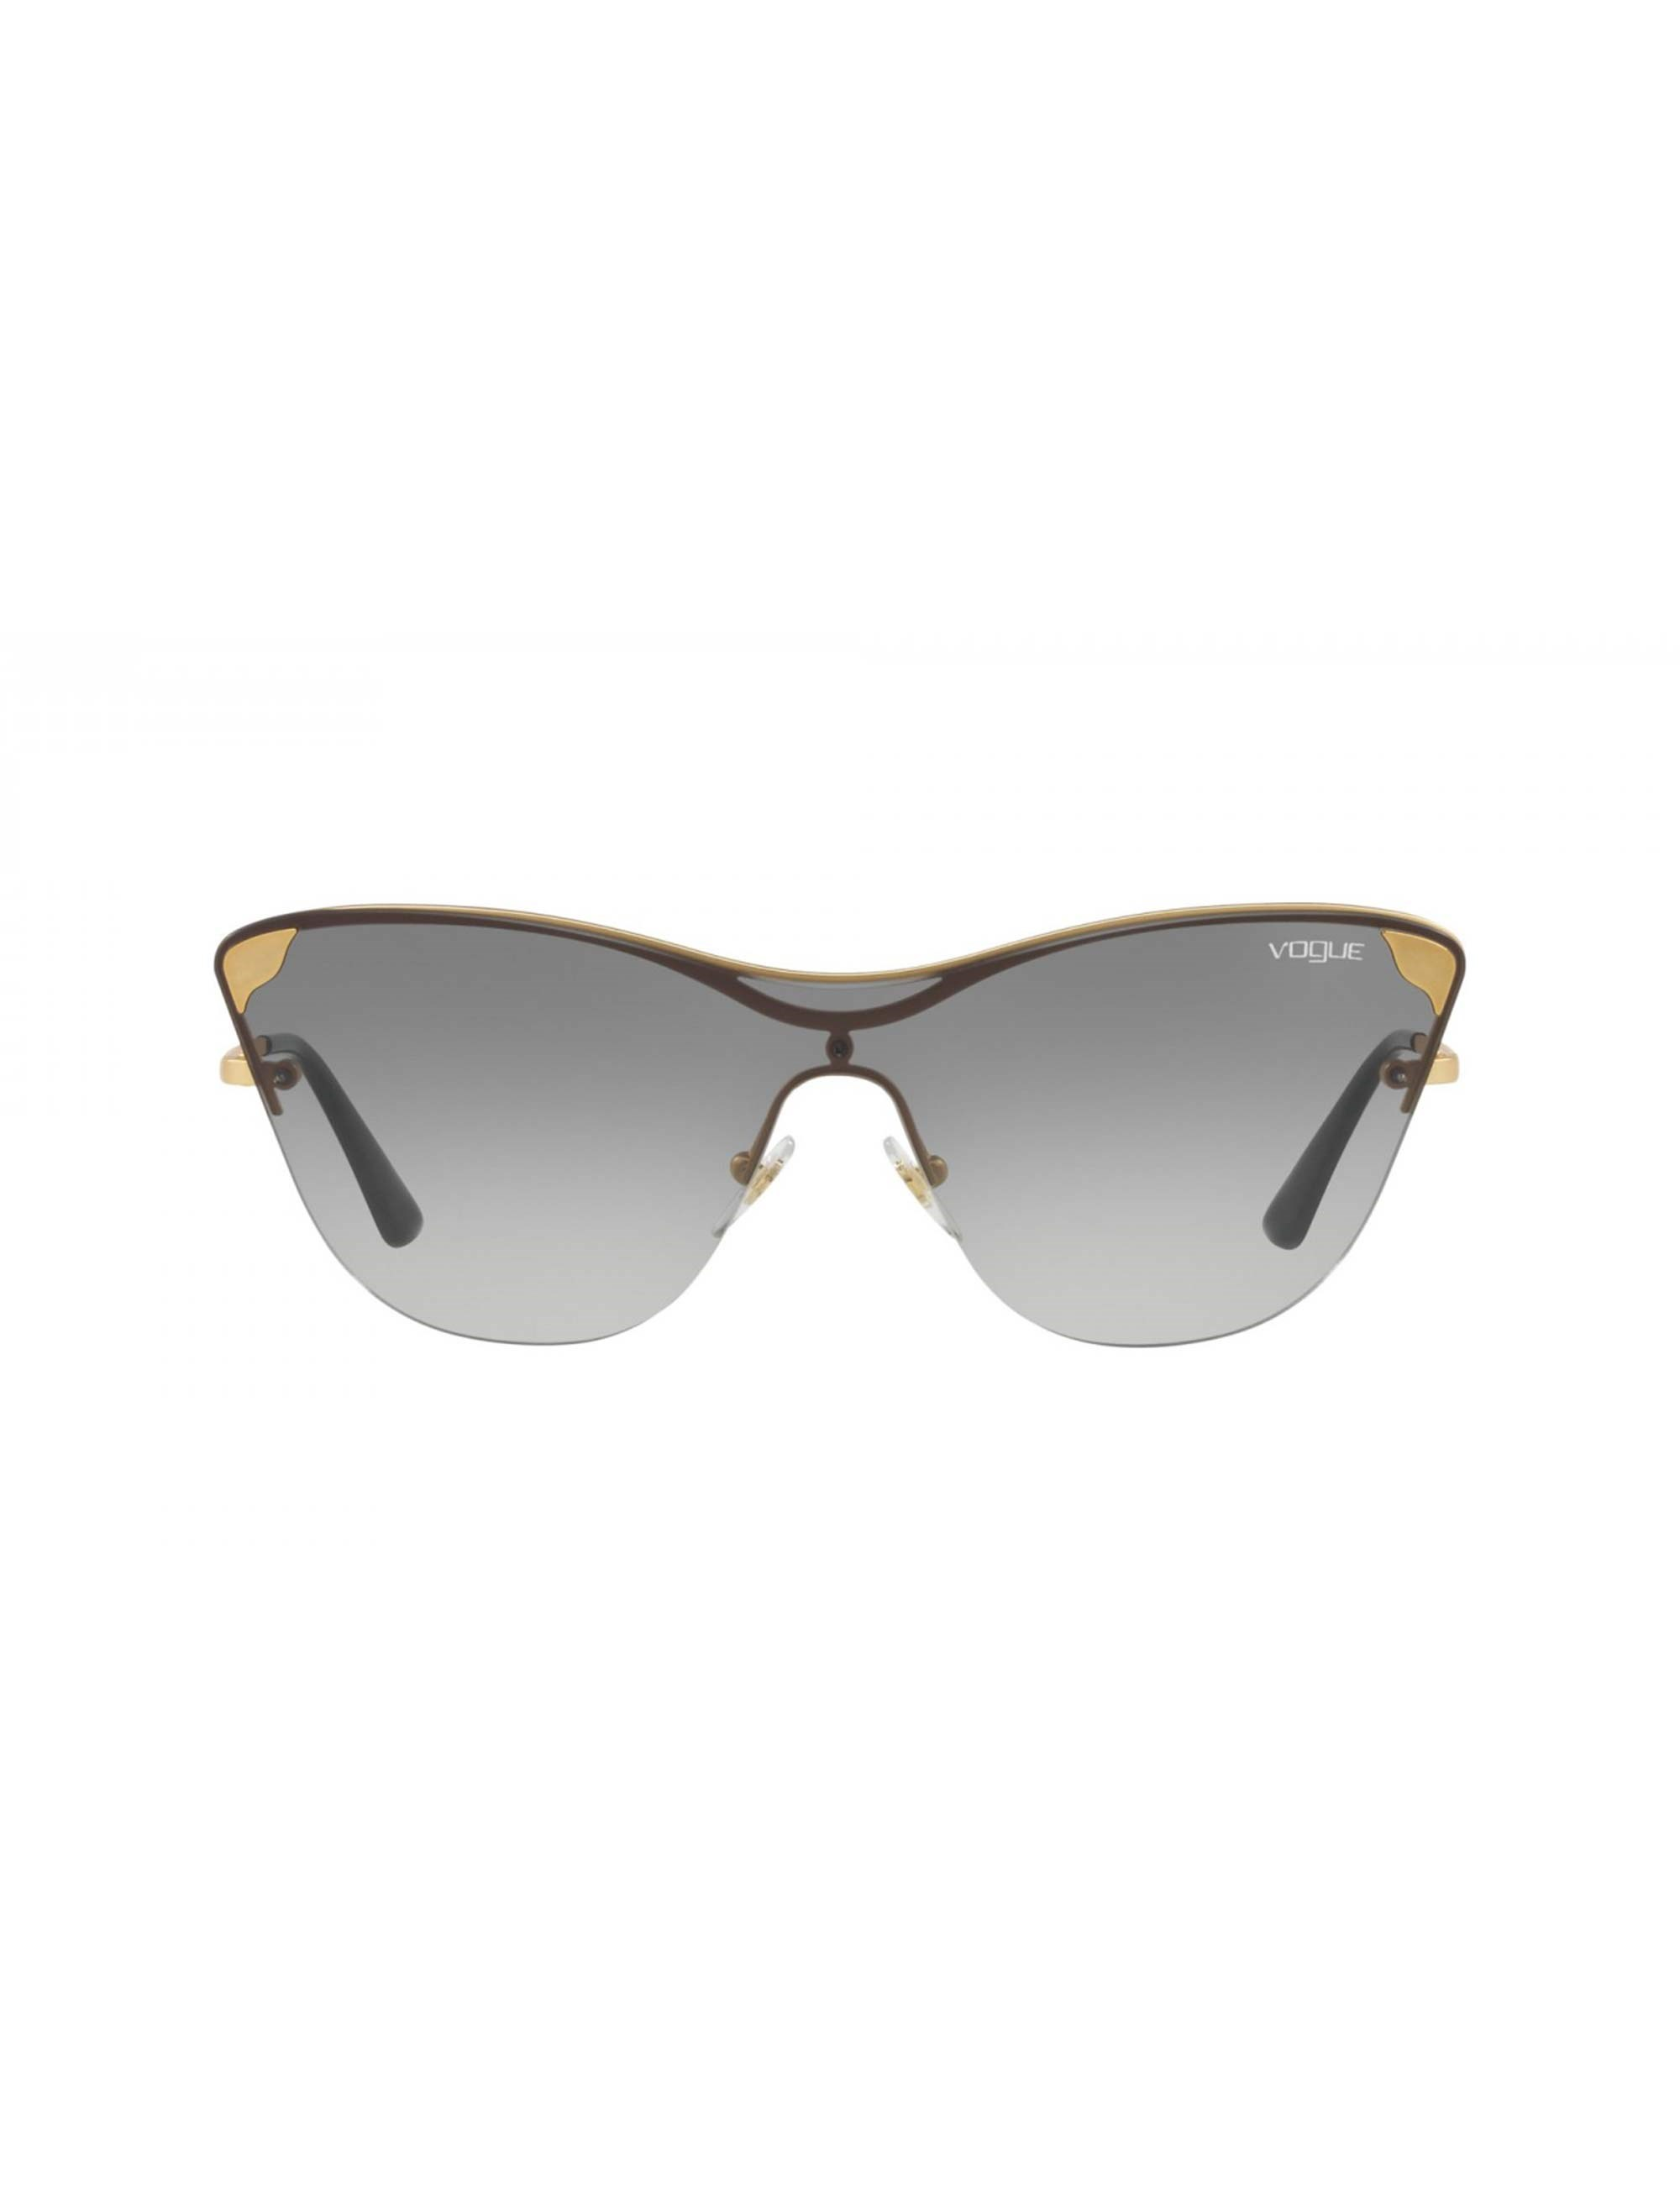 قیمت عینک آفتابی گربه ای زنانه - ووگ